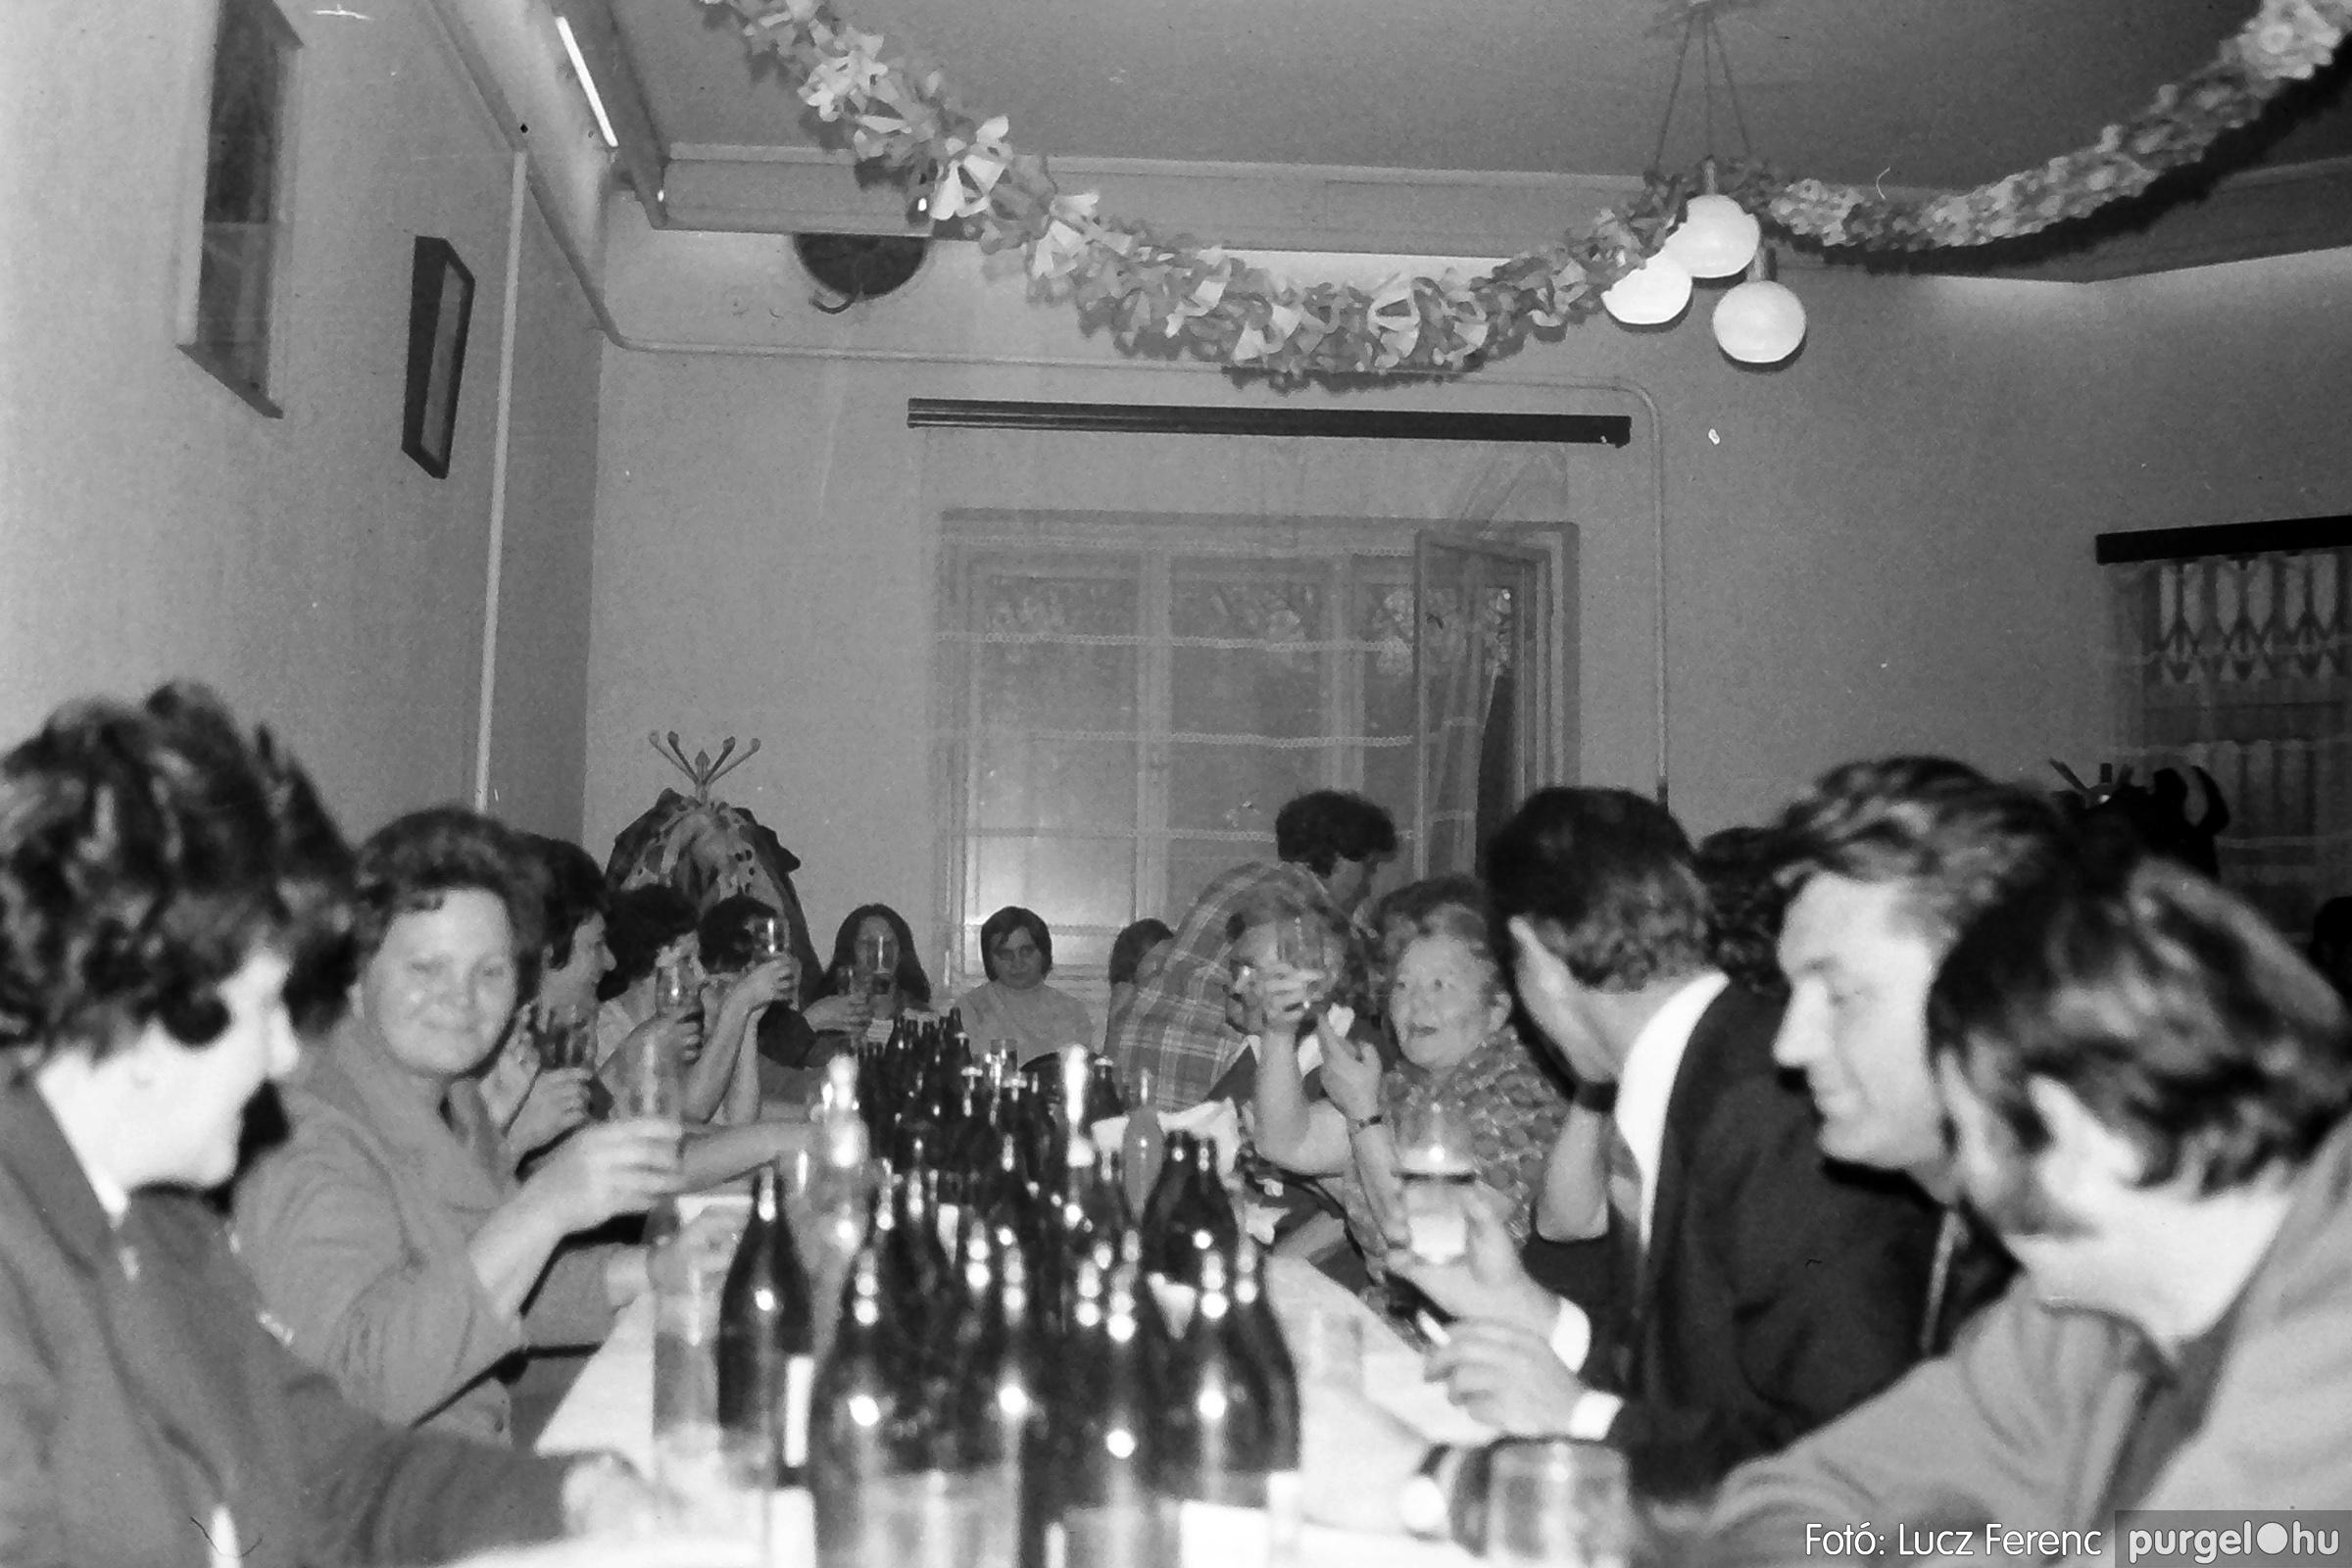 064-065. 1976. KTSZ-es dínomdánom a vendéglőben 001. - Fotó: Lucz Ferenc.jpg